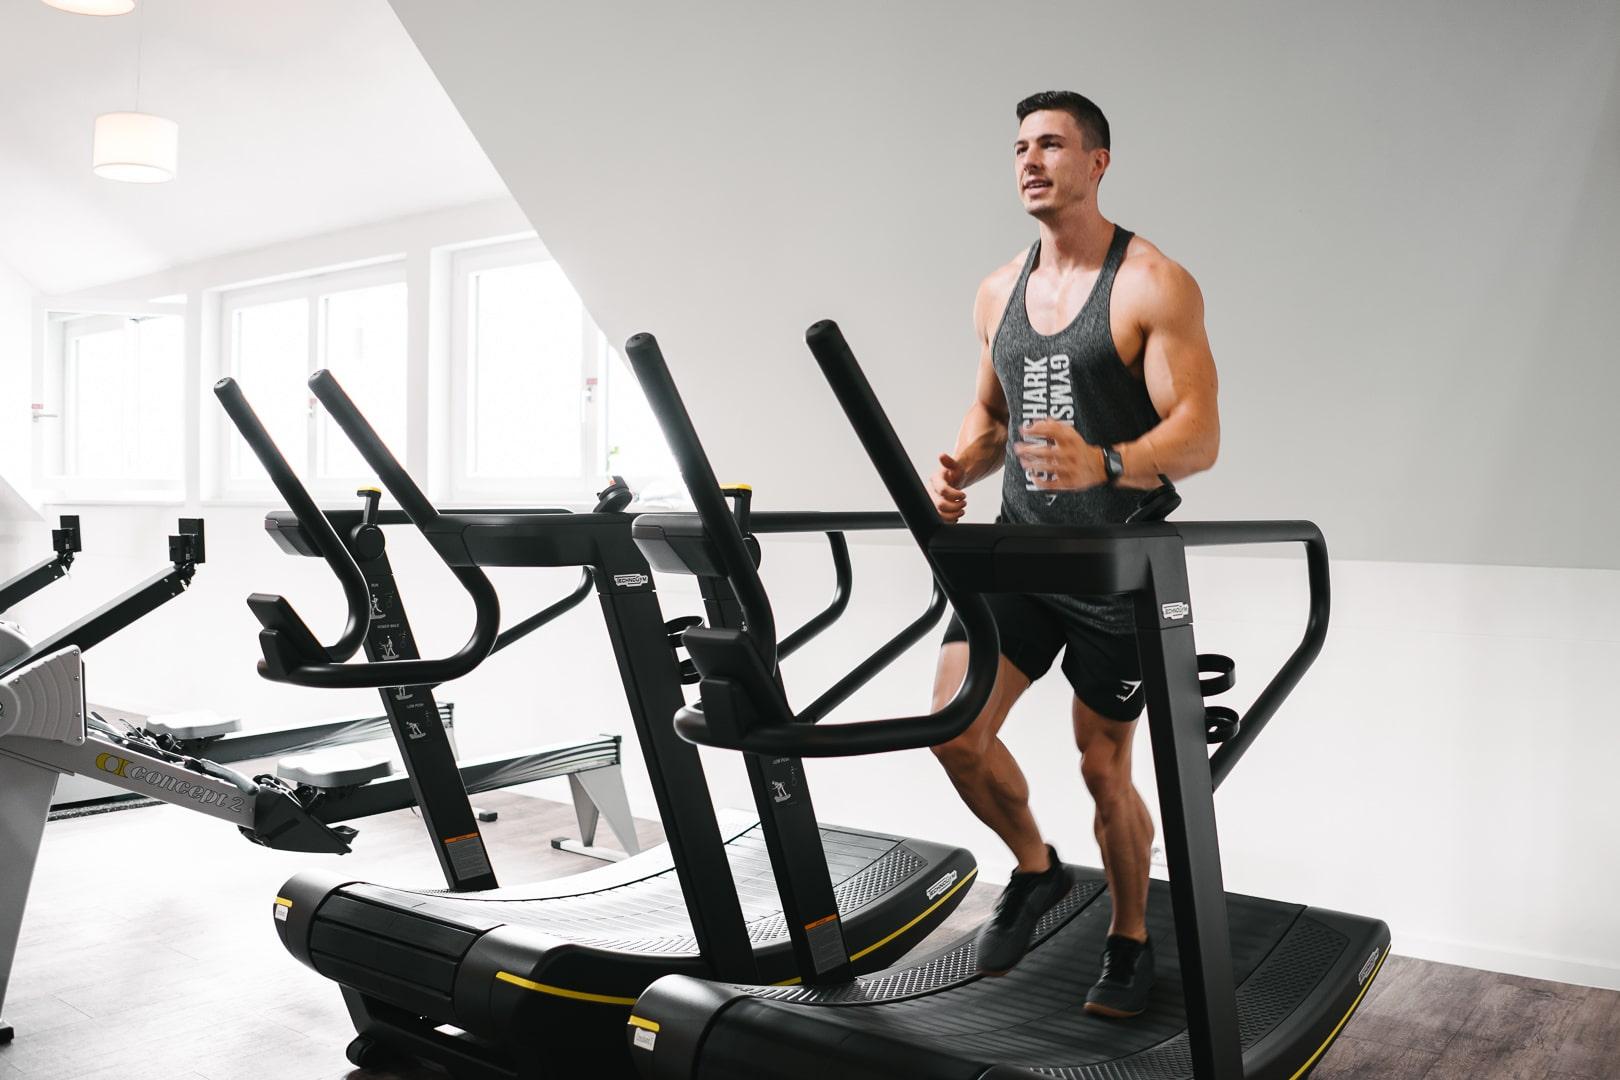 fitnessblog-fitnessblogger-fitness-blog-blogger-stuttgart-dreamteamfitness-aufwaermen-vor-dem-training